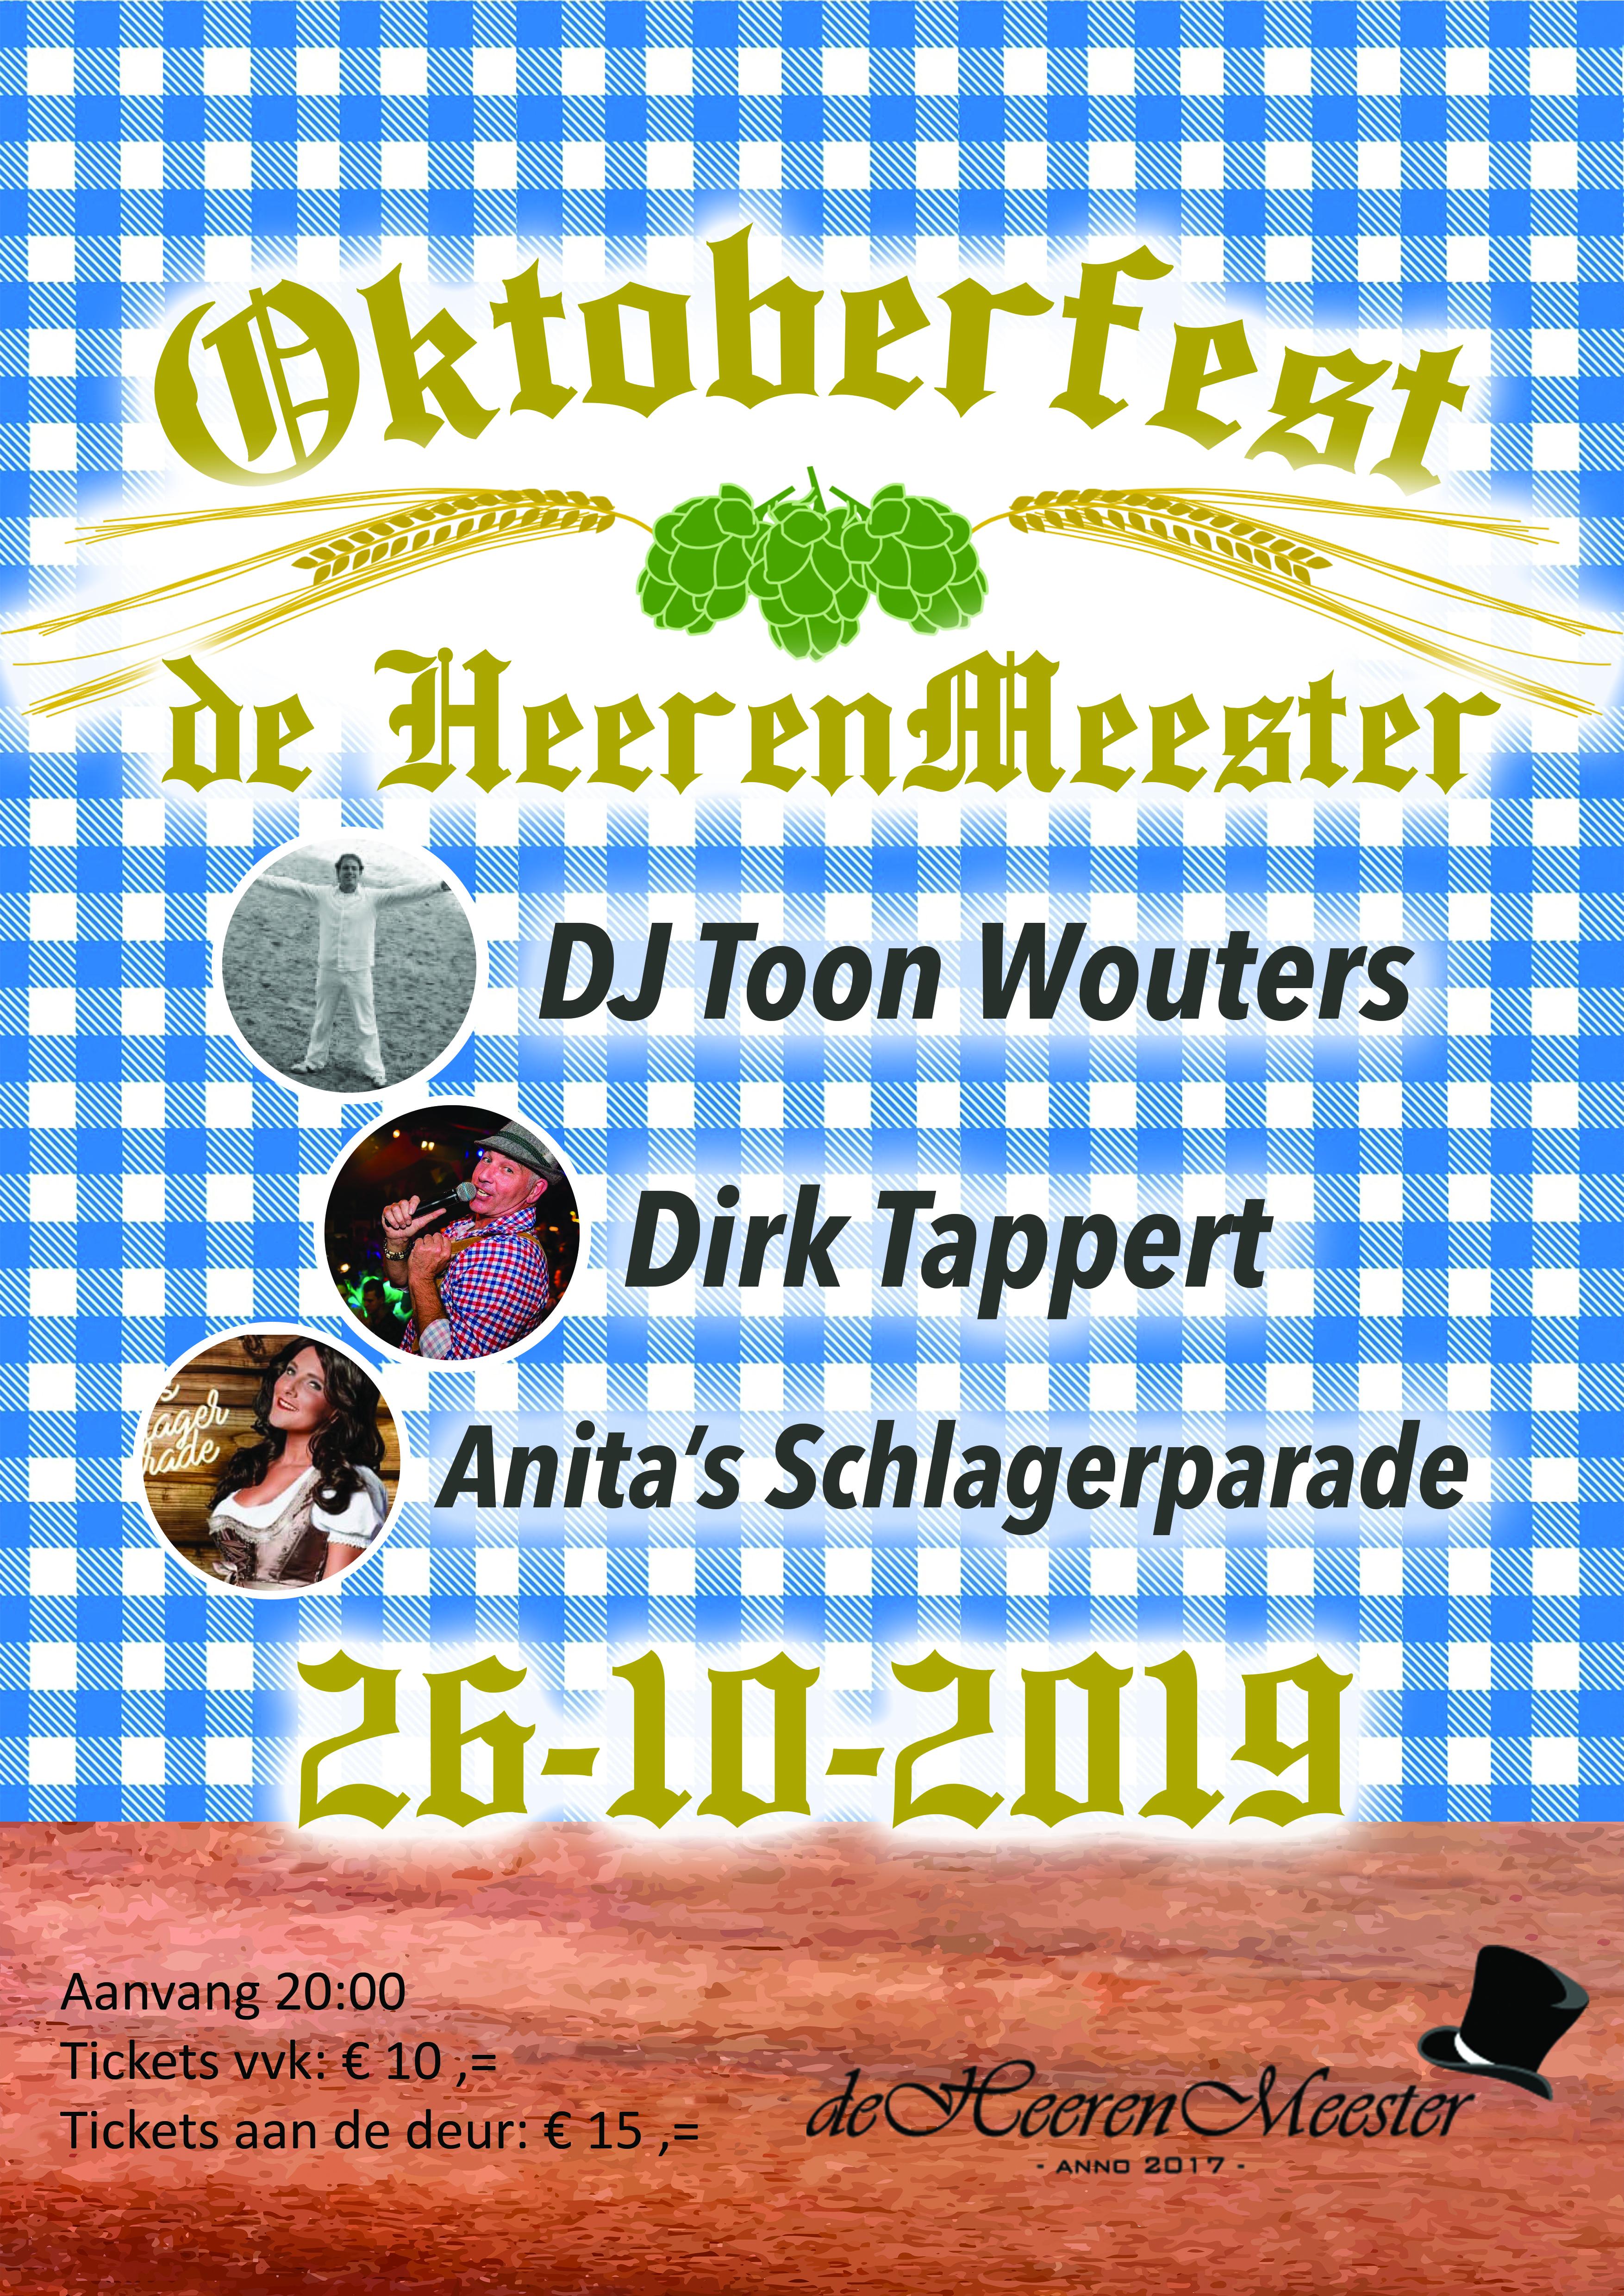 Poster Oktoberfest HeerenMeester